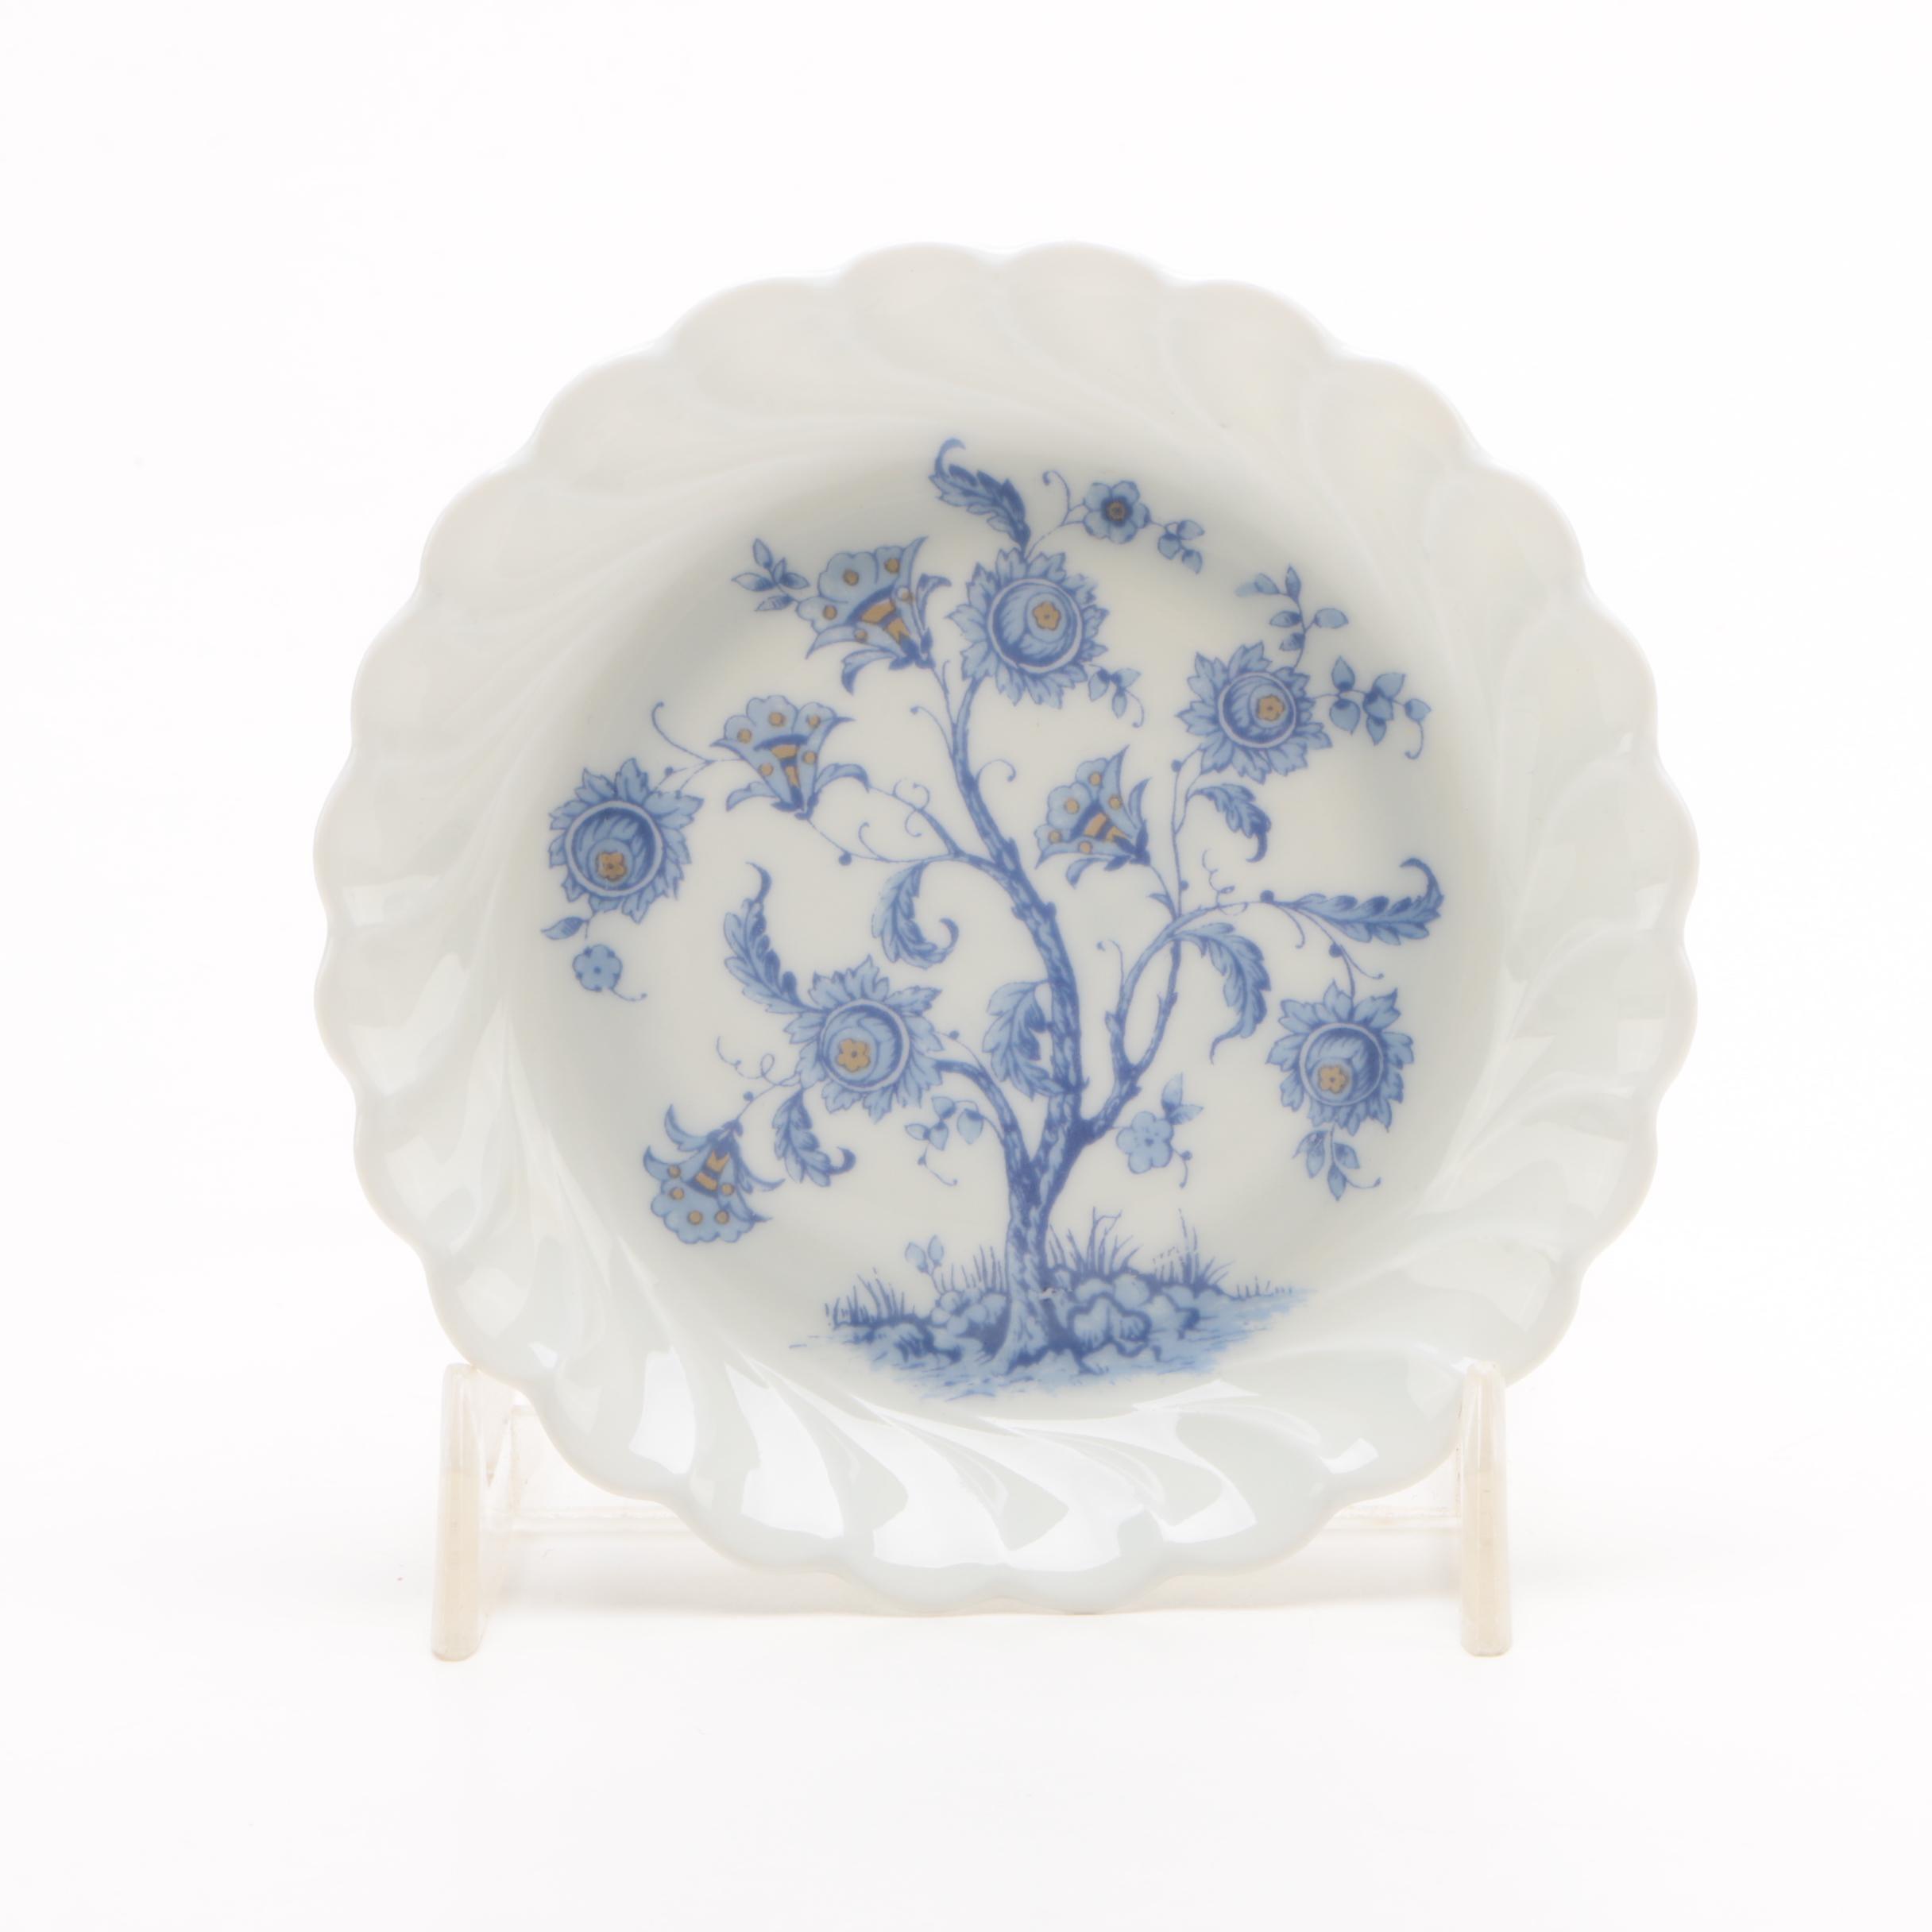 Vintage Signed Haviland Limoges Porcelain Dish